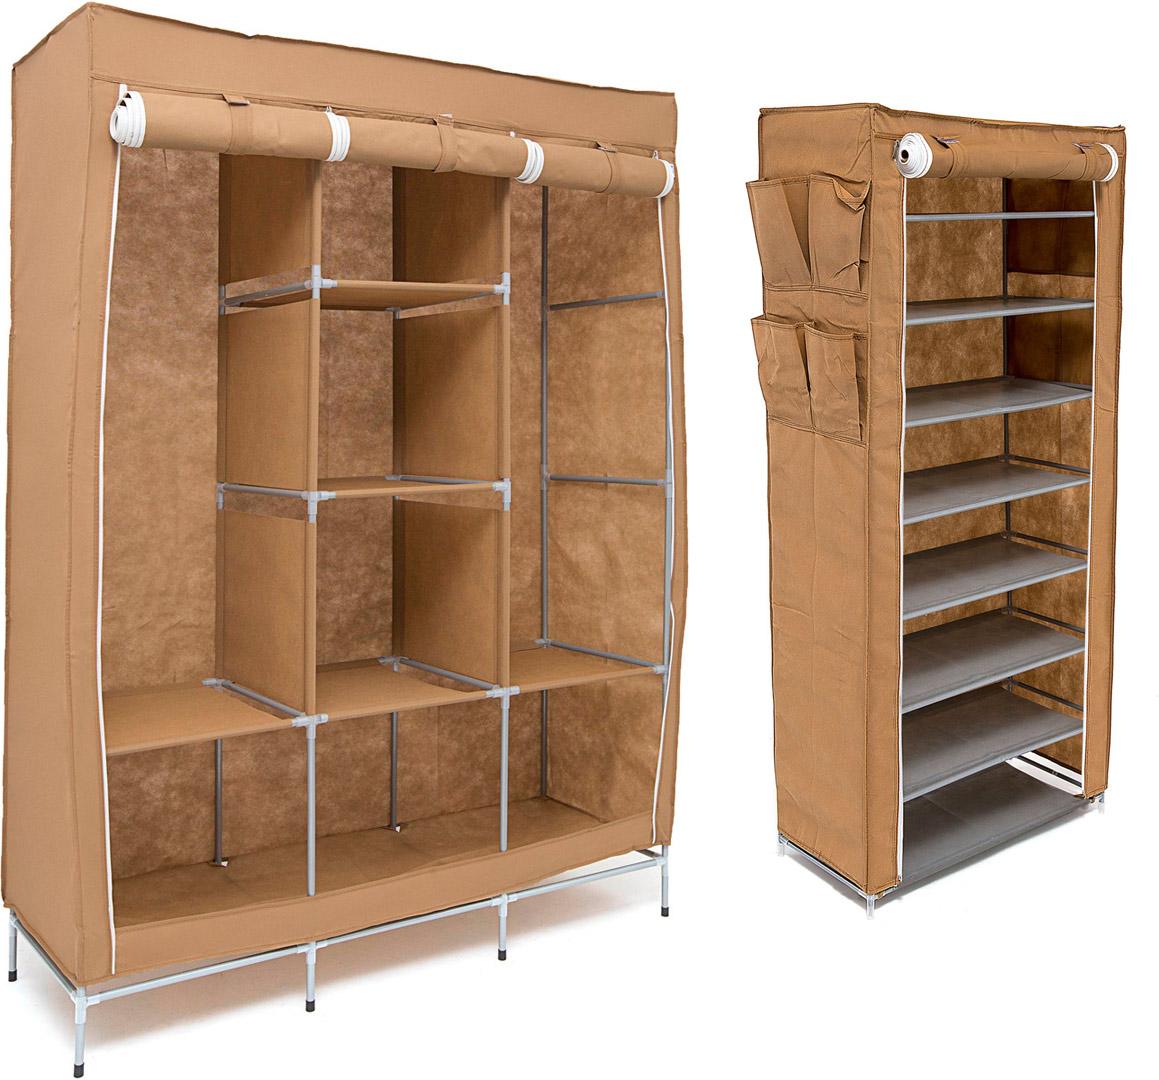 Набор кофров для хранения Homsu Medium, цвет: коричневый, 2 штDEN-47Уникальный дизайн этого комплекта станет настоящим украшением для любого интерьера. Практичная составляющая подобной мебели также вне сомнений. Лёгкие и прочные устойчивые конструкции из каркасов и тканевой обивки могут быть легко собраны вами без посторонней помощи, буквально за несколько минут. Такая мебель будет всегда удобной и максимально практичной, ведь верхнюю тканевую часть при надобности можно всегда постирать либо же попросту поменять на аналогичную другого цвета. Кроме того, такие конструкции всегда будут отличным решением для того, кому по душе мобильность и постоянная смена обстановки. 1300х450х1720; 600х300х1360